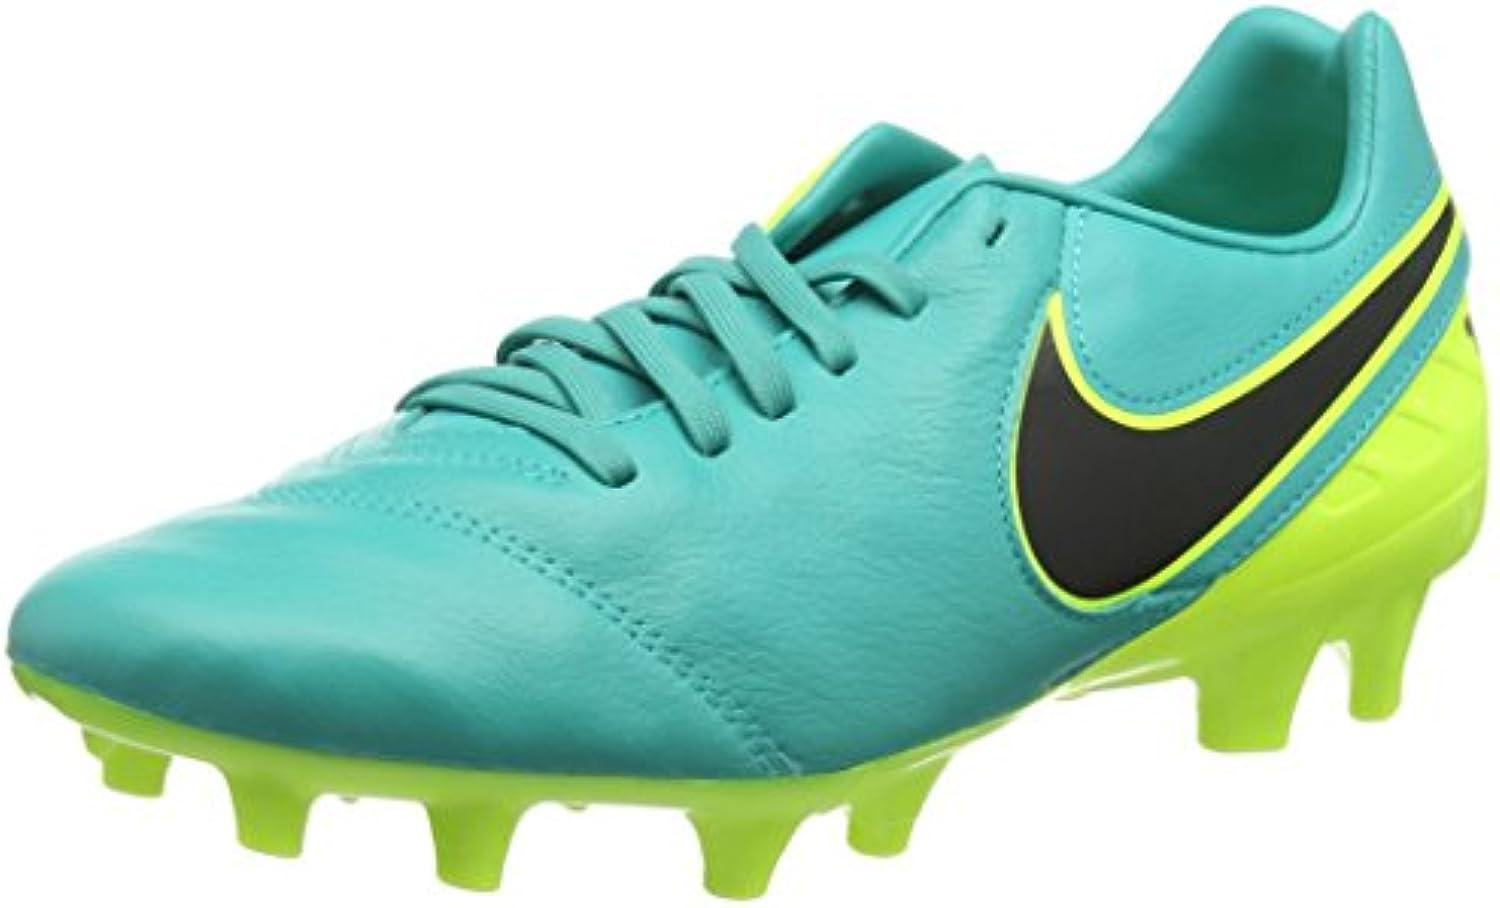 Nike Nike Nike Tiempo Mystic V FG Scarpe da calcio per terreni duri, Uomo 5606a5